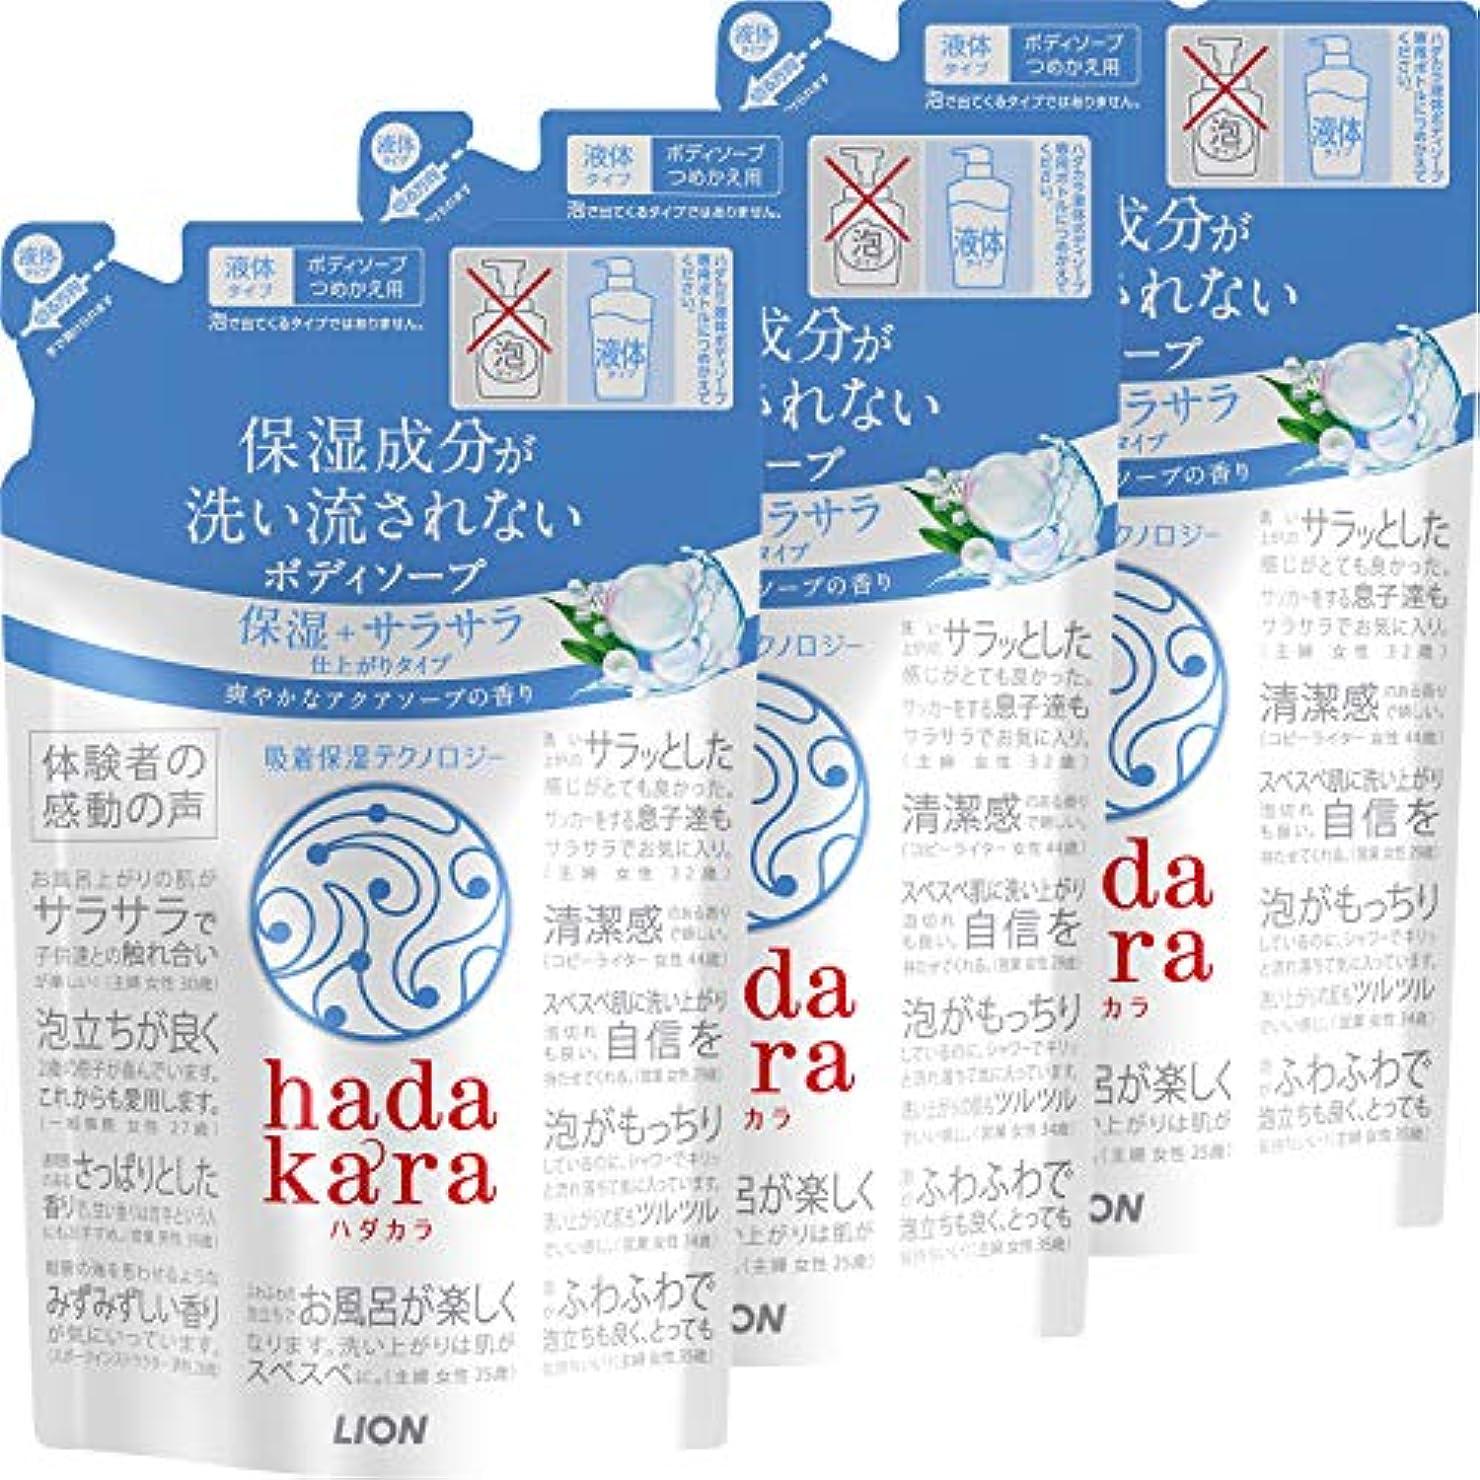 乱すリラックスした効率的hadakara(ハダカラ) ボディソープ 保湿+サラサラ仕上がりタイプ アクアソープの香り つめかえ340ml×3個 アクアソープ(保湿+サラサラ仕上がり) 詰替え用